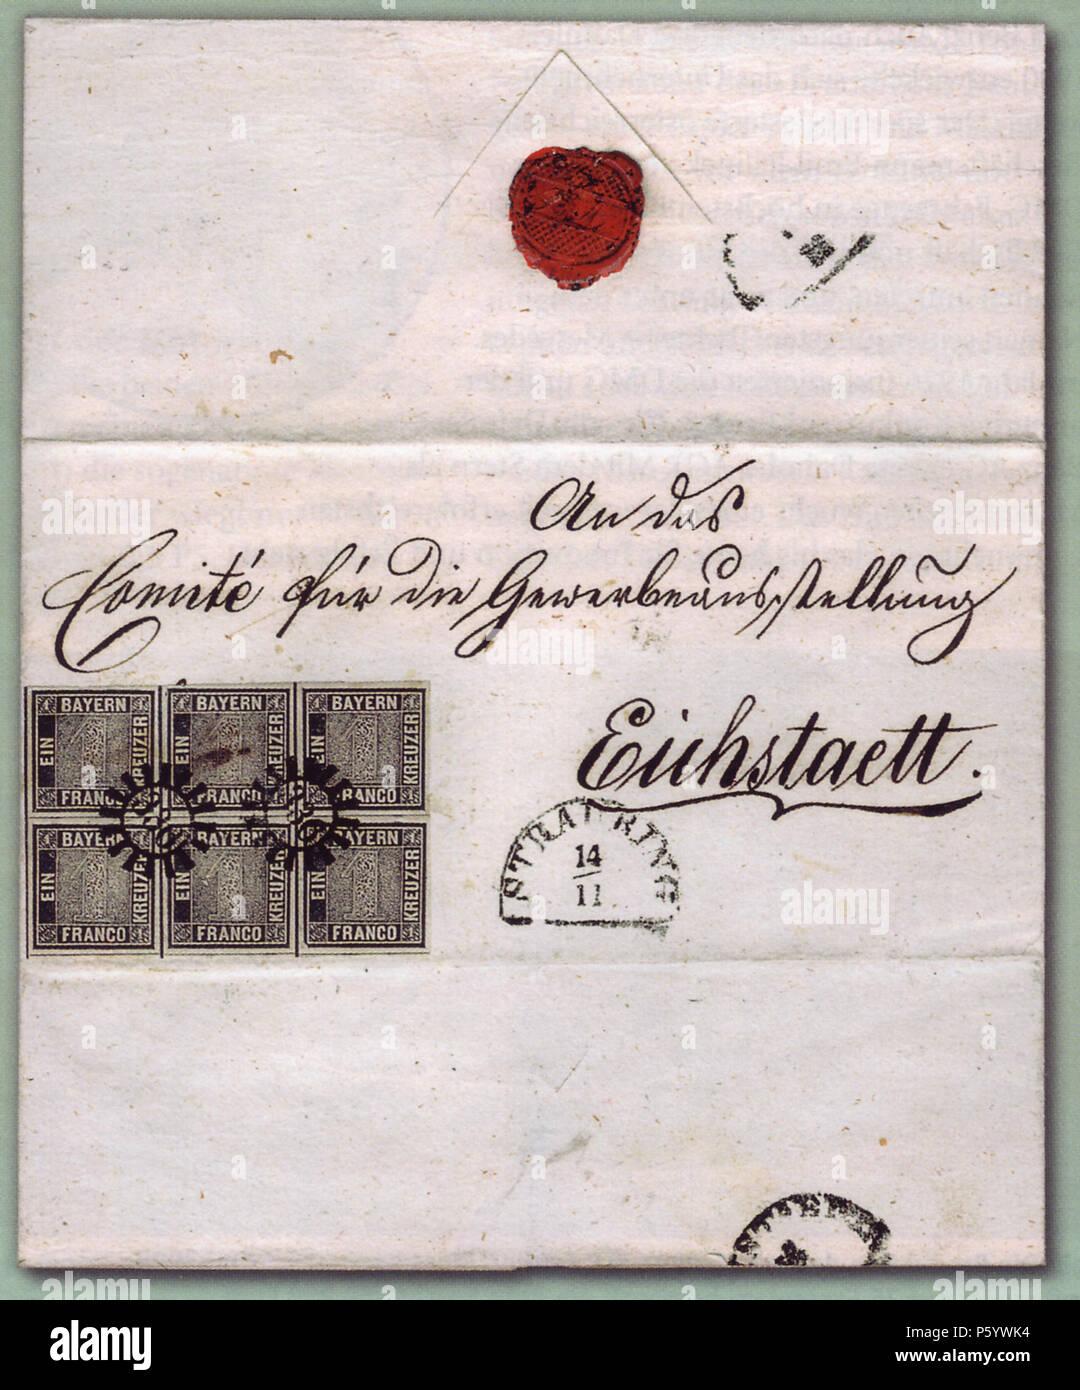 N/A. Deutsch: 'Eichstätt-Brief', einzig bekannter Brief mit einem Sechserblock der ersten Briefmarke Bayerns. Der Brief wurde am 14. November 1849 in Straubing aufgegeben und zum 'Comité für die Gewerbeausstellung in Eichstätt' geschickt. Stamp: 1849-11-01, Letter: 1849-11-14. Stamp: Entwurf und Stich: M. J. Seitz, Buchdruck: J. G. Weiss. Letter: unknown 497 Eichstaett-Brief-postfrisch Stock Photo